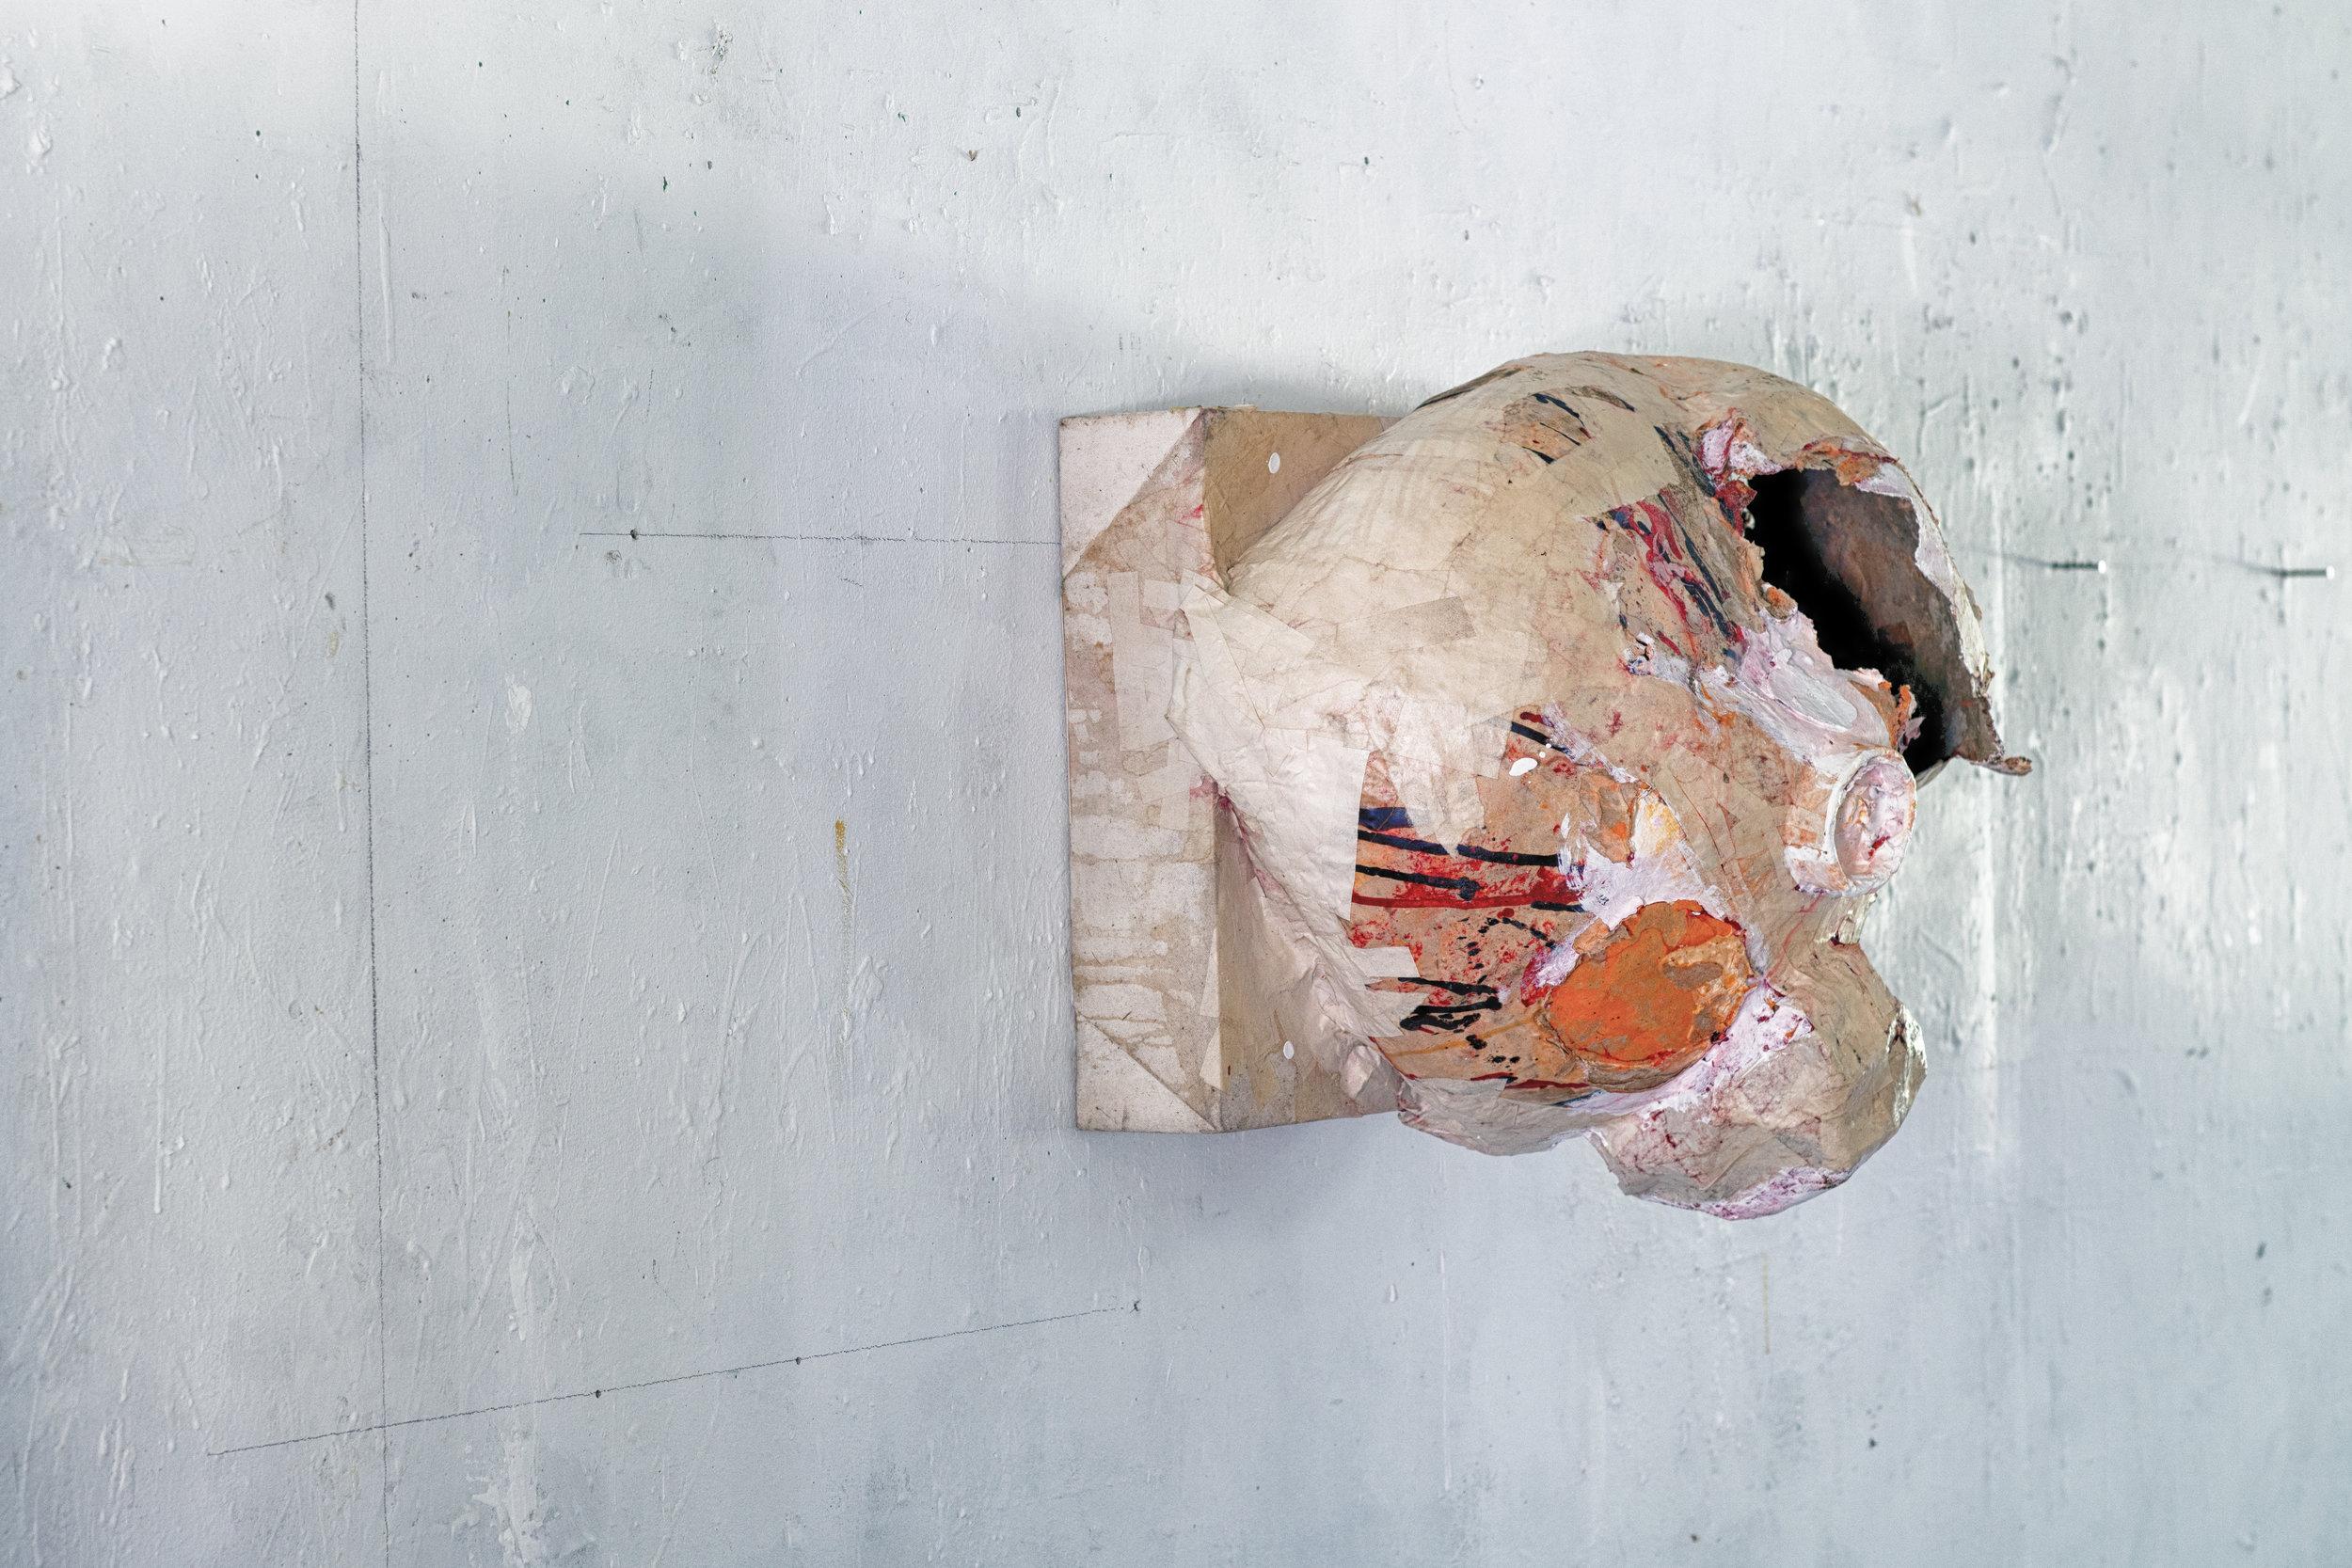 Trophy head (side view, left)